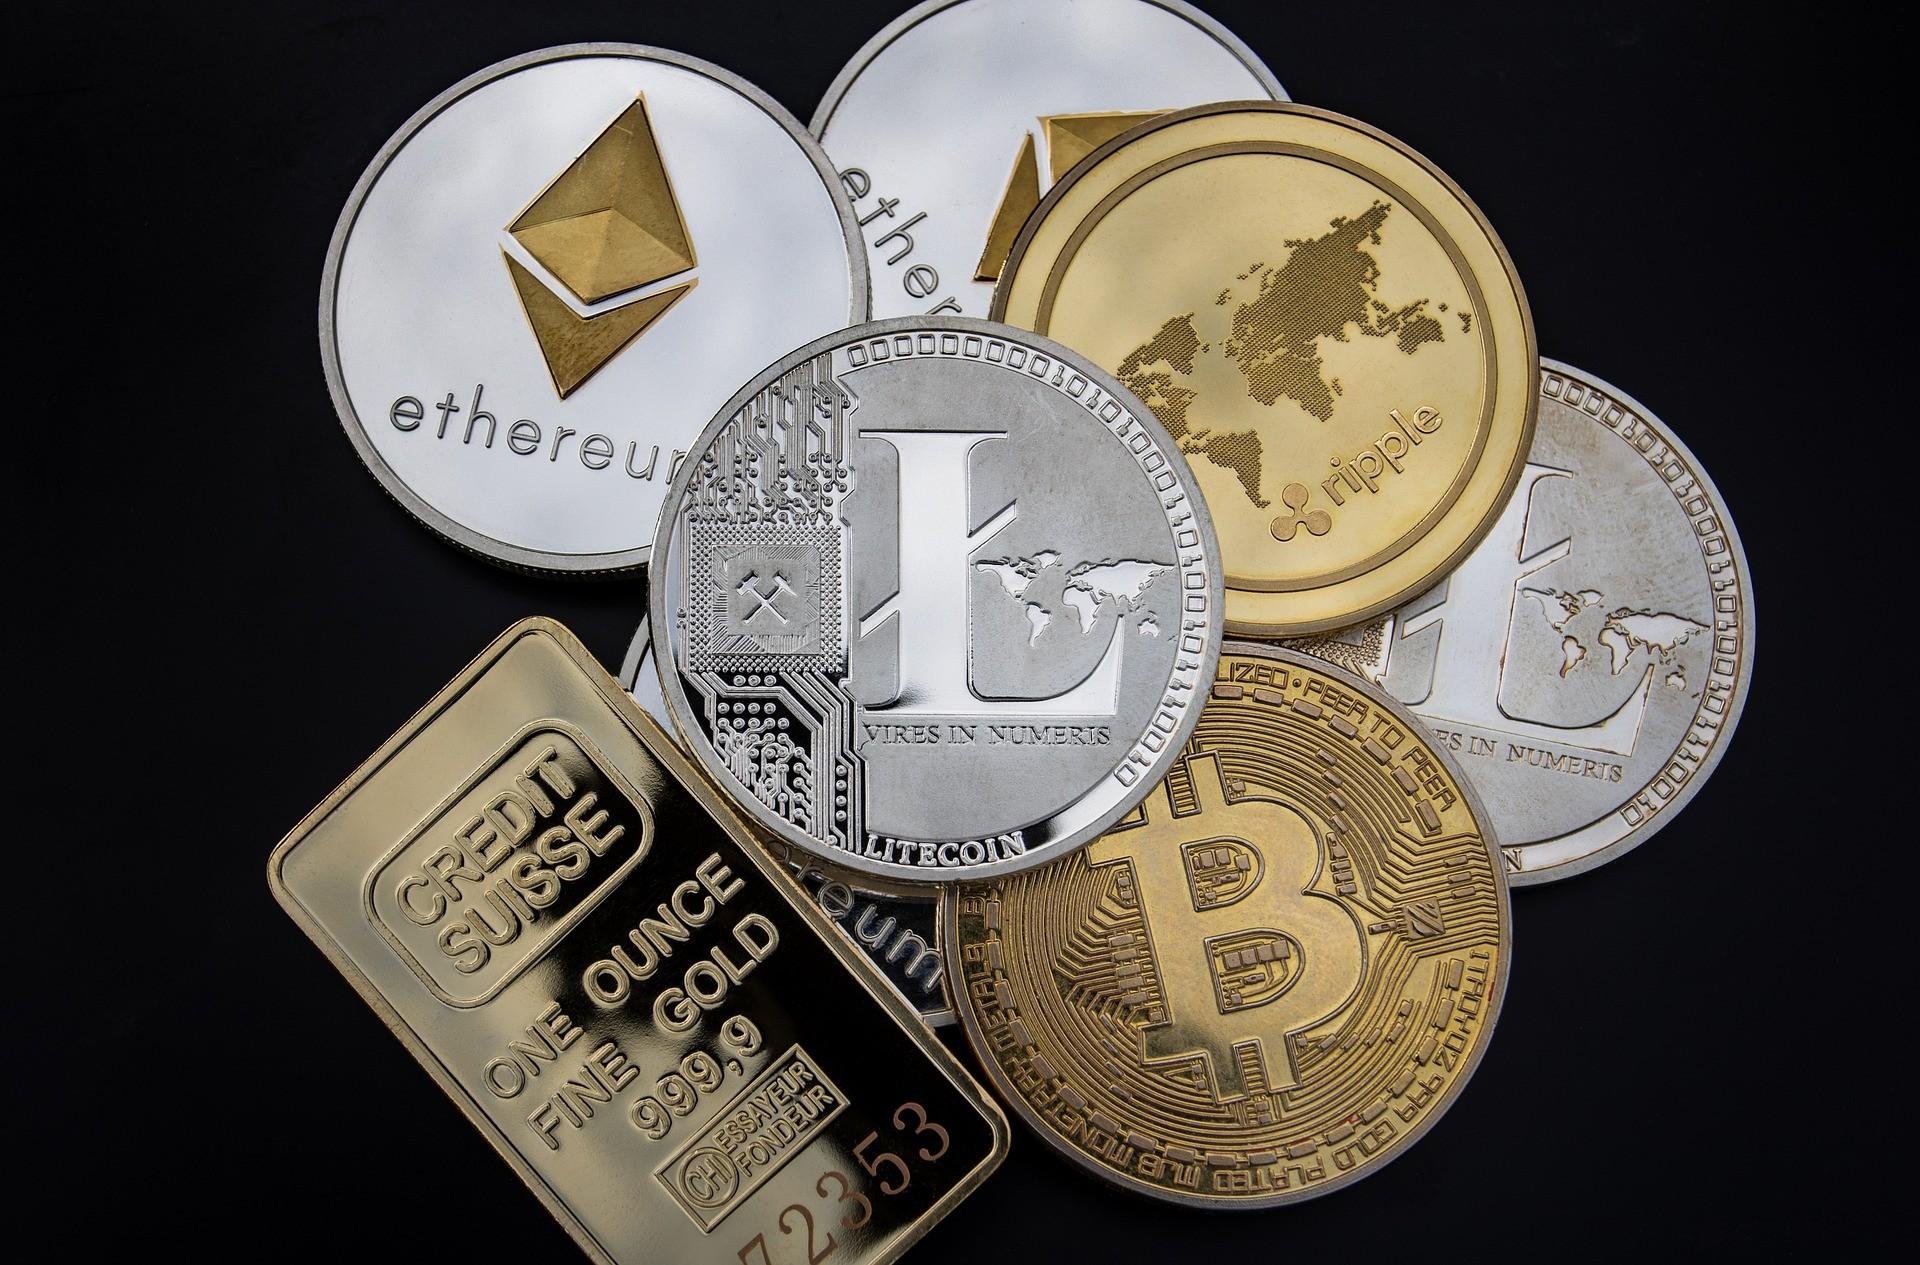 恆大,比特幣,虛擬貨幣,監管,挖礦,金融,數位貨幣,電力,碳中和